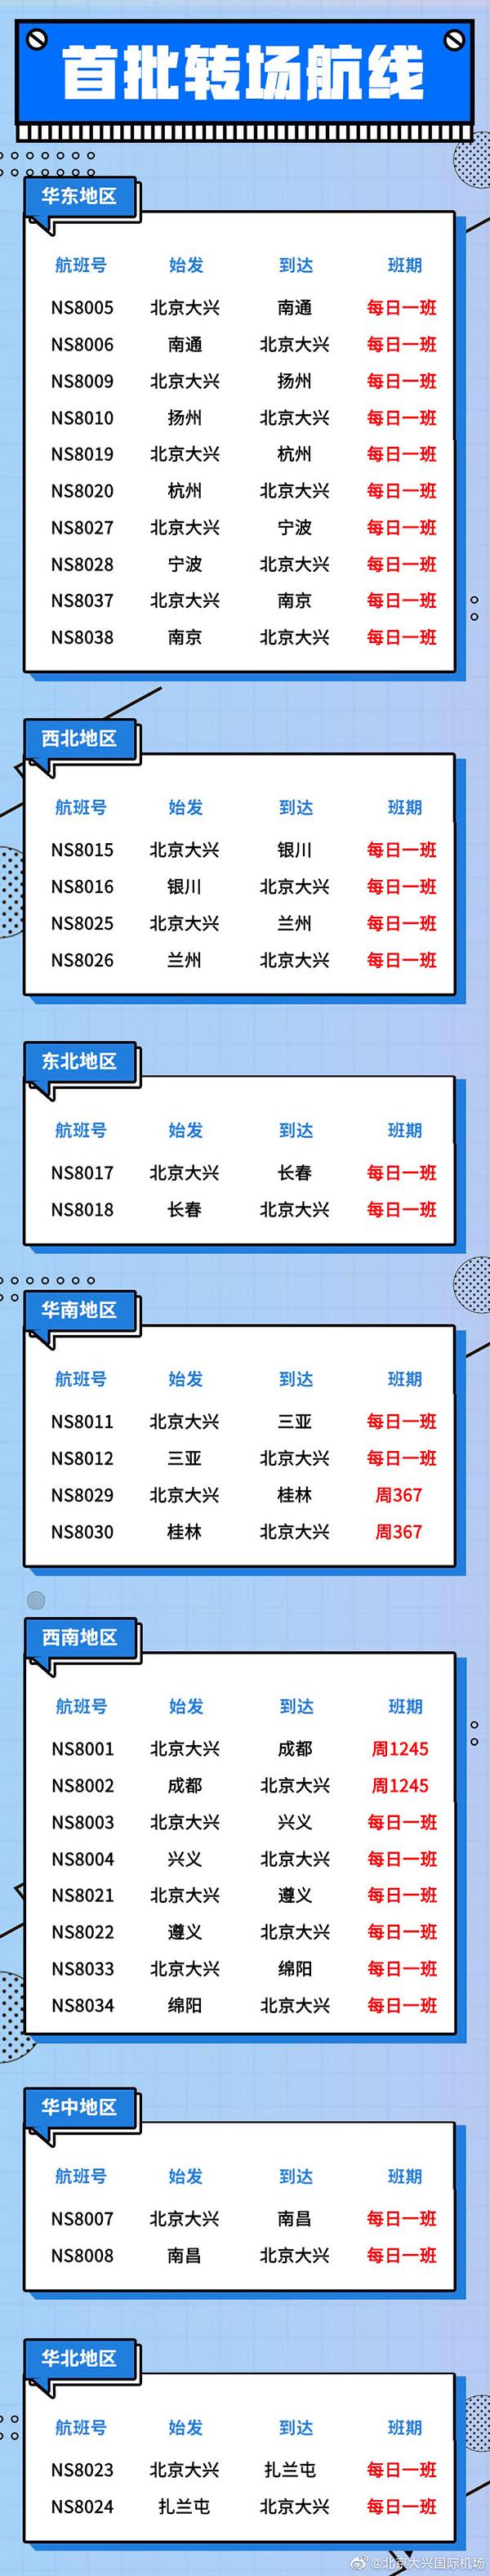 兴发业务网_假如诸葛亮多活十五年,蜀国会不会北伐成功?